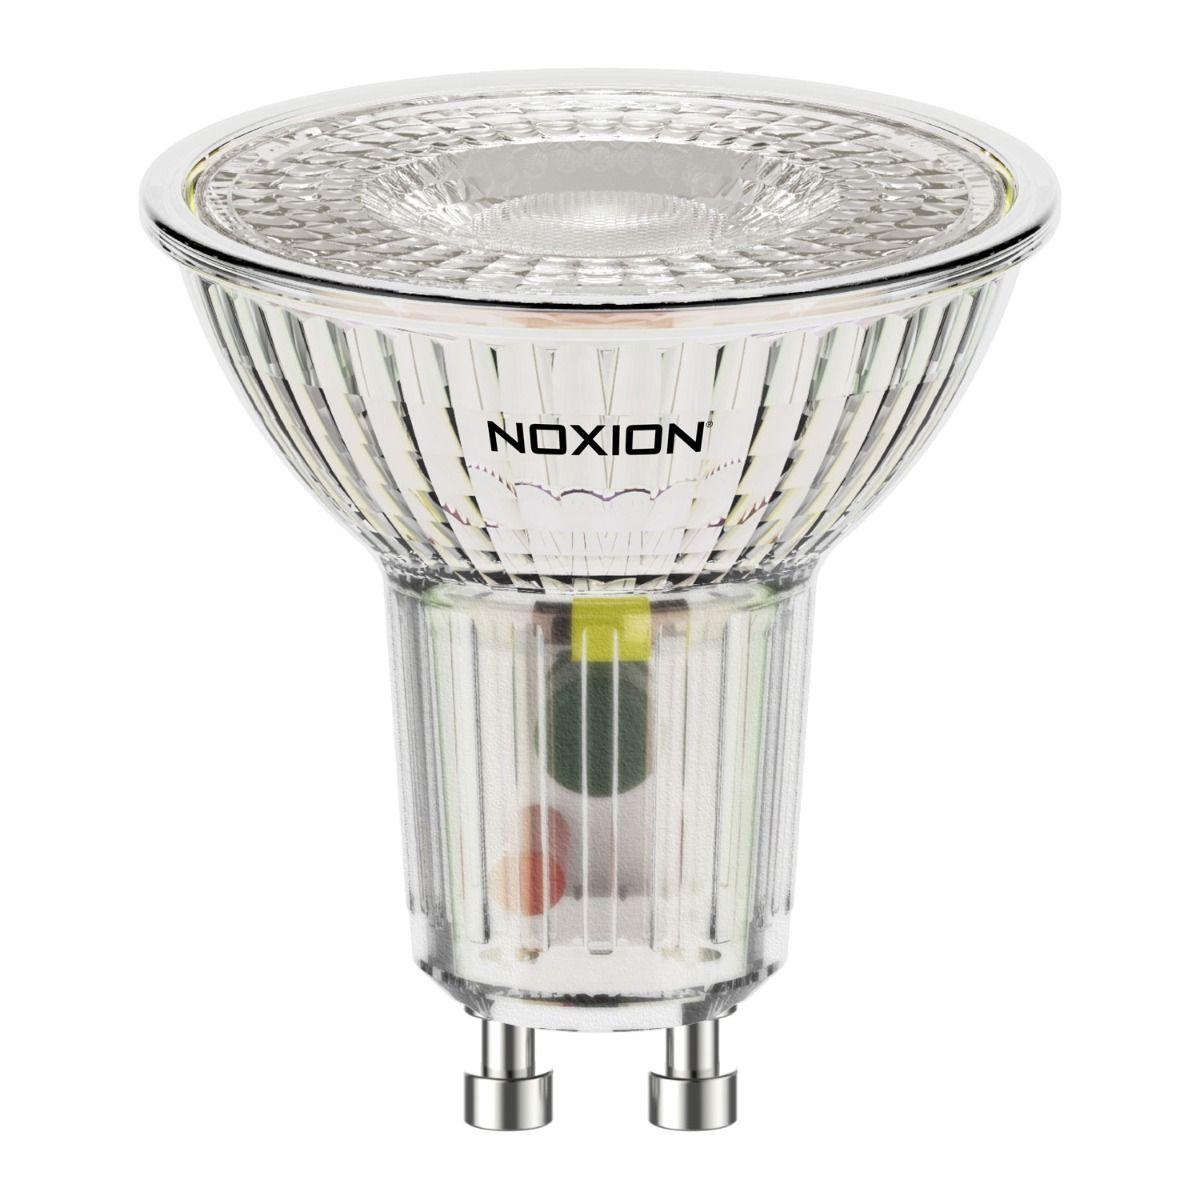 Noxion Spot LED GU10 3.7W 840 36D 270lm | Blanc Froid - Substitut 35W